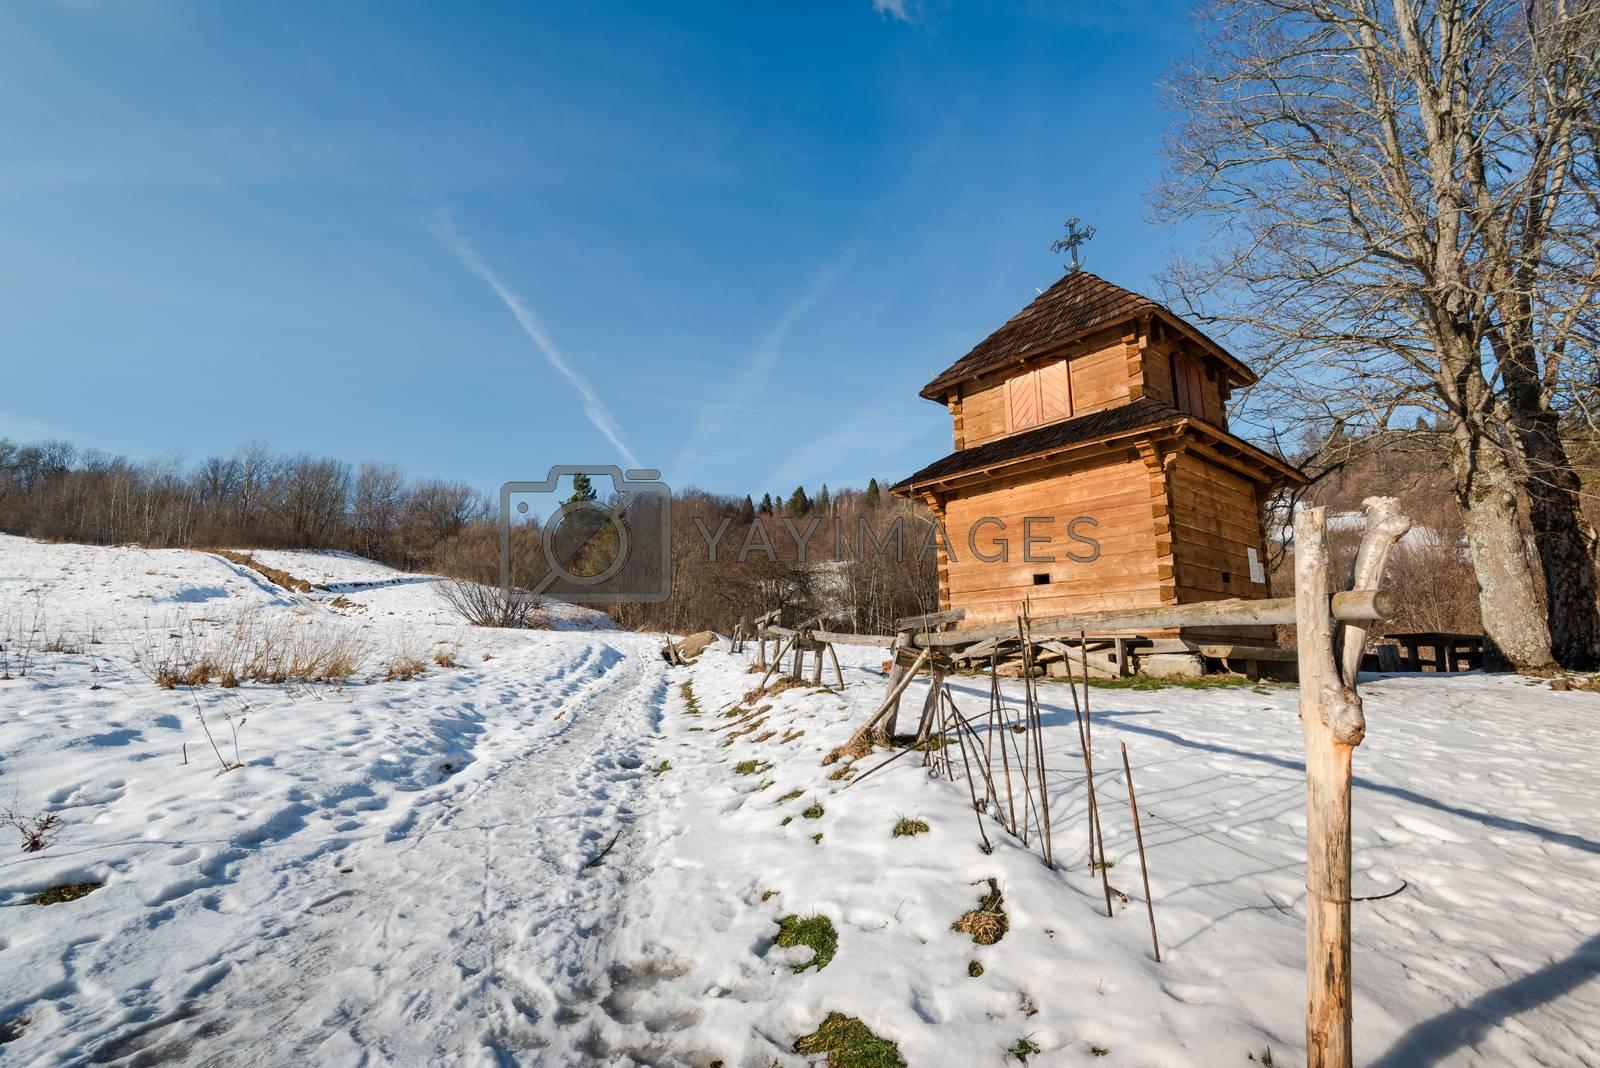 Exterior of Lopienka Orthodox Church.  Bieszczady Architecture i by merc67